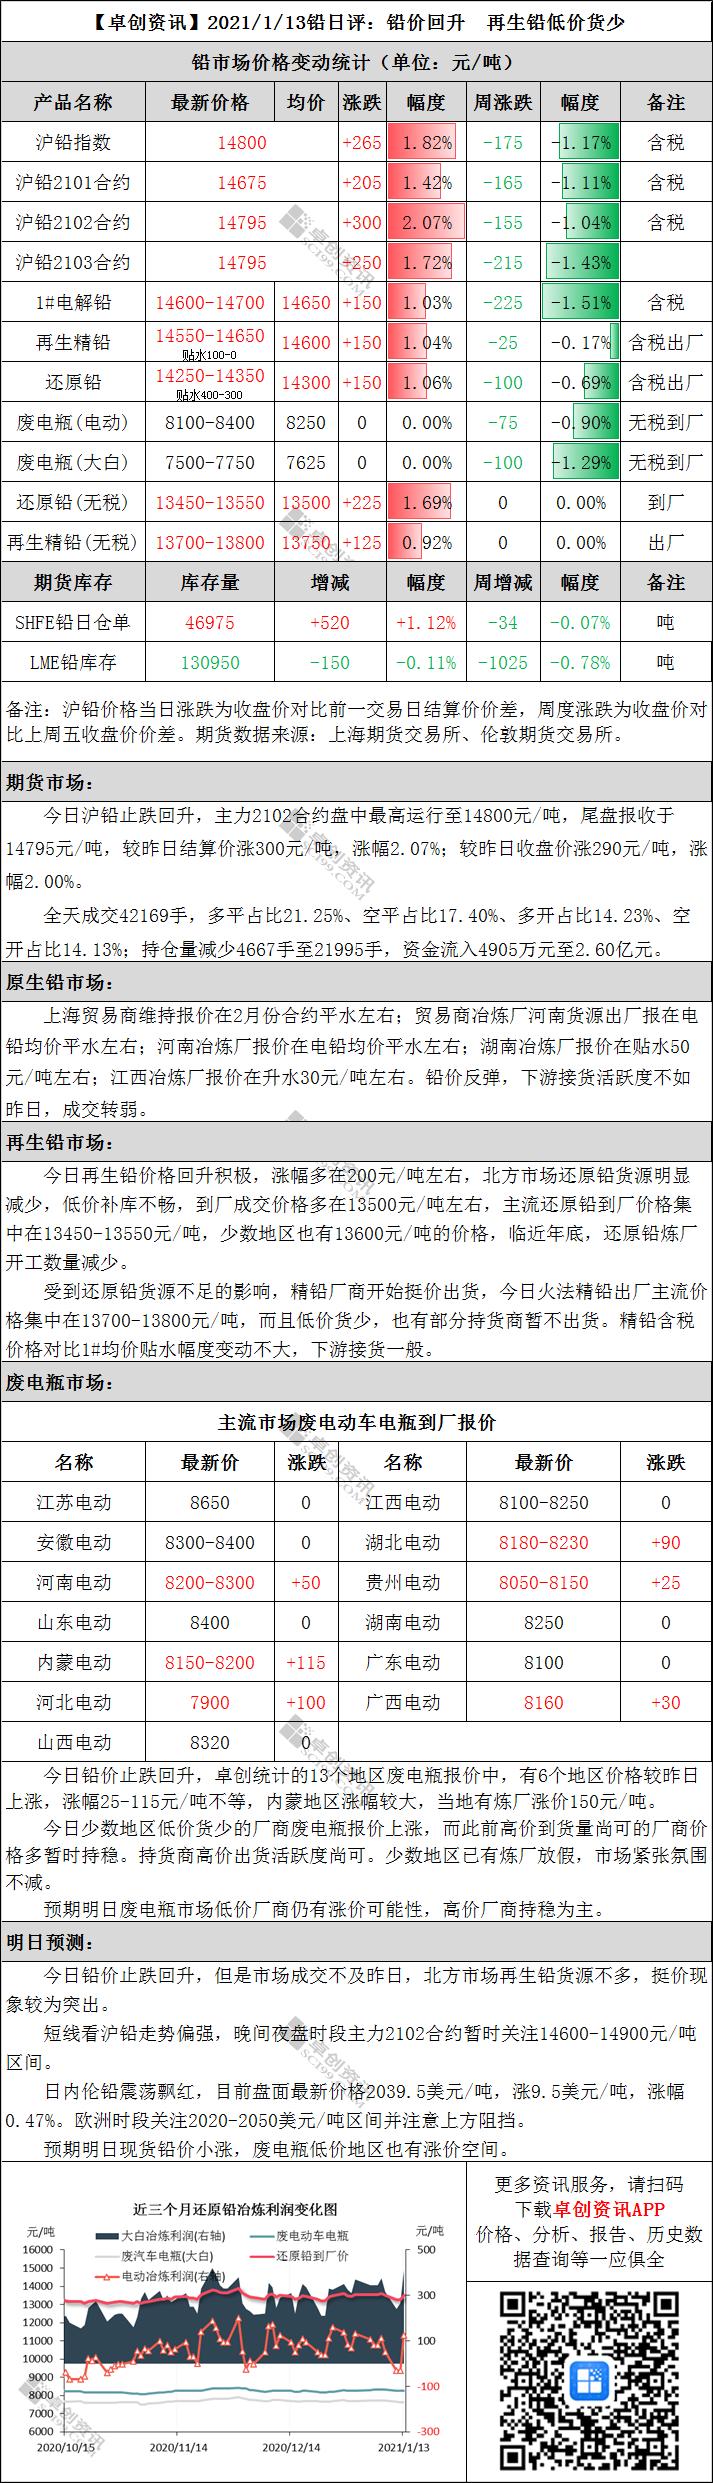 铅日评:铅价回升 再生铅低价货少